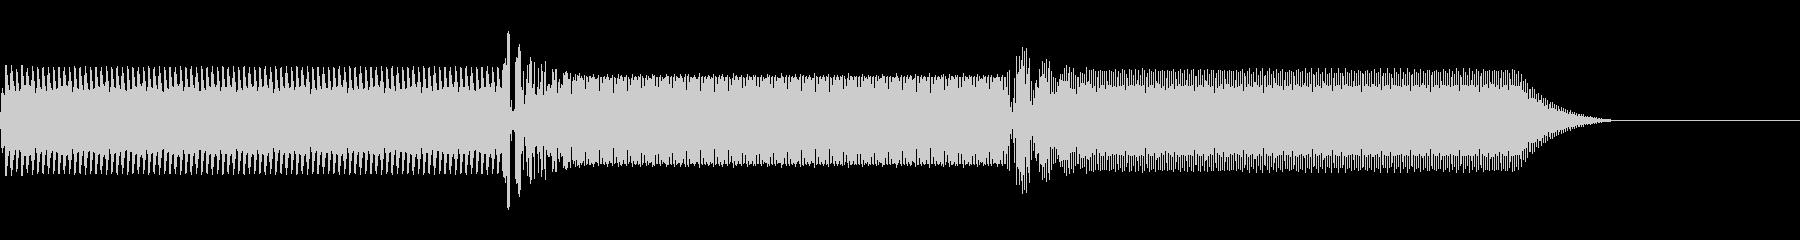 【ファミコン風】ピコッ!システム音の未再生の波形